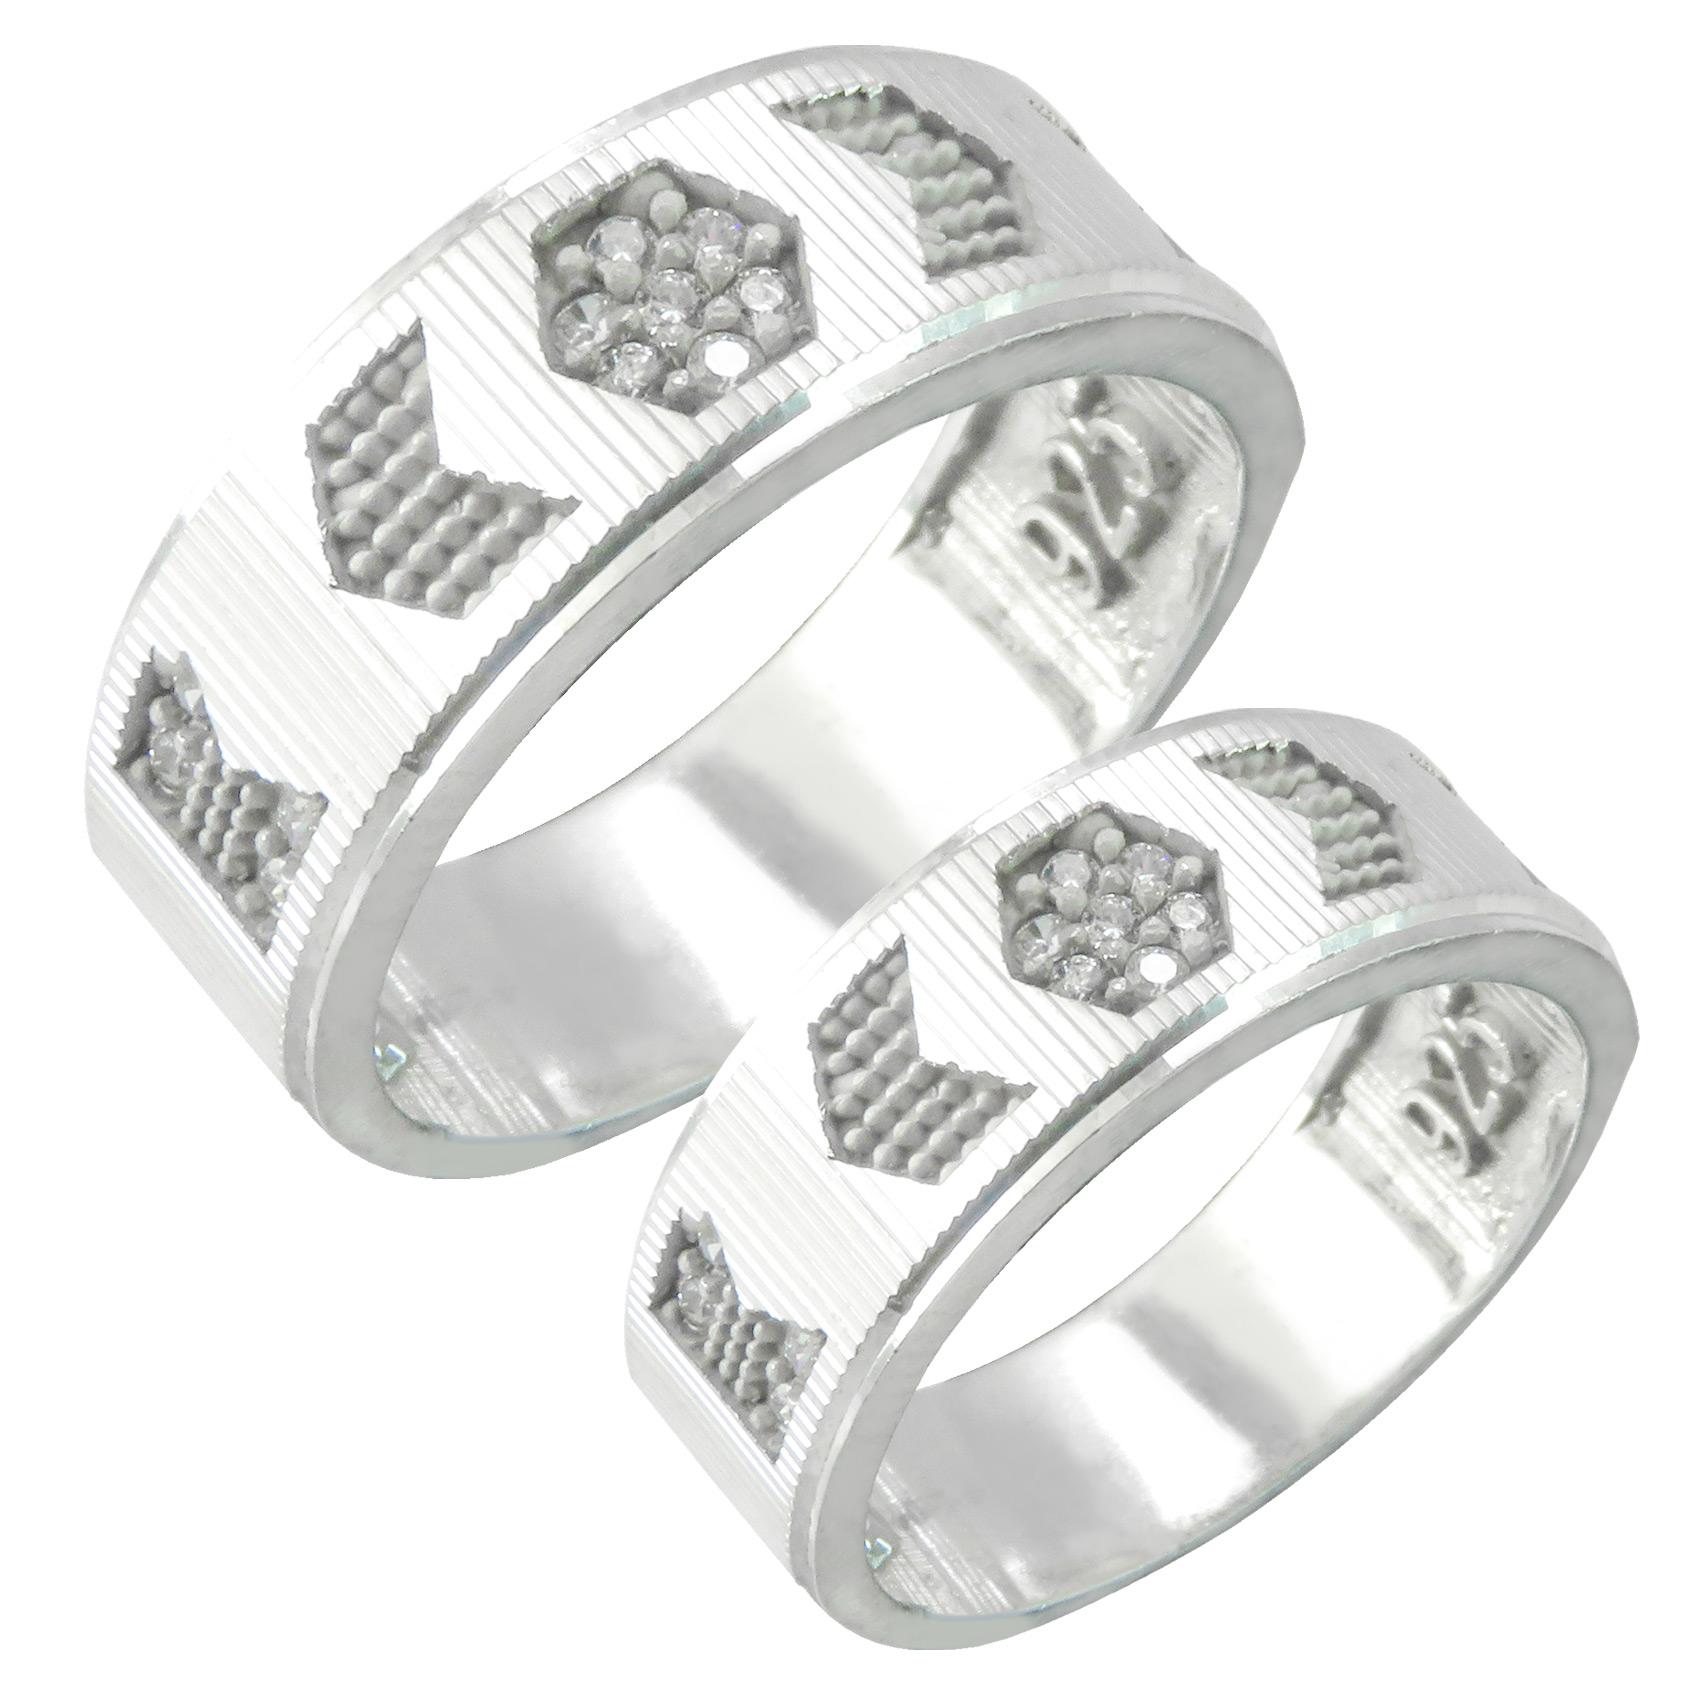 ست انگشتر نقره زنانه و مردانه کد AV156